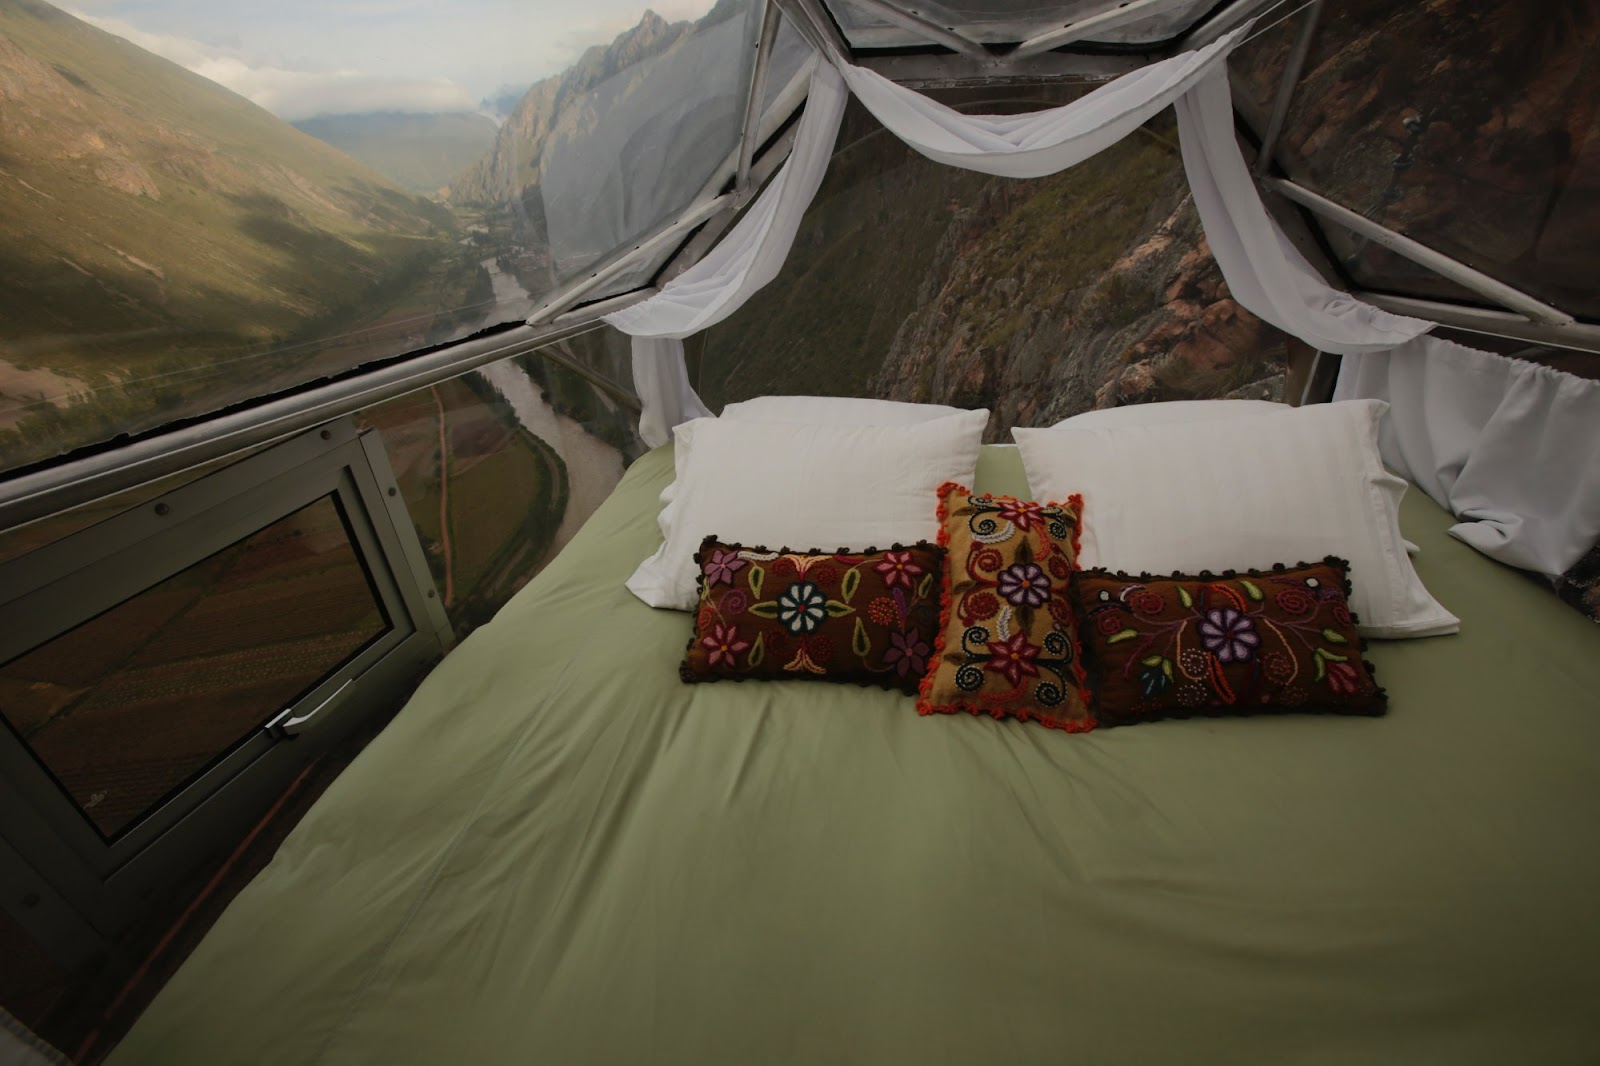 Інтер'єр гірського готелю